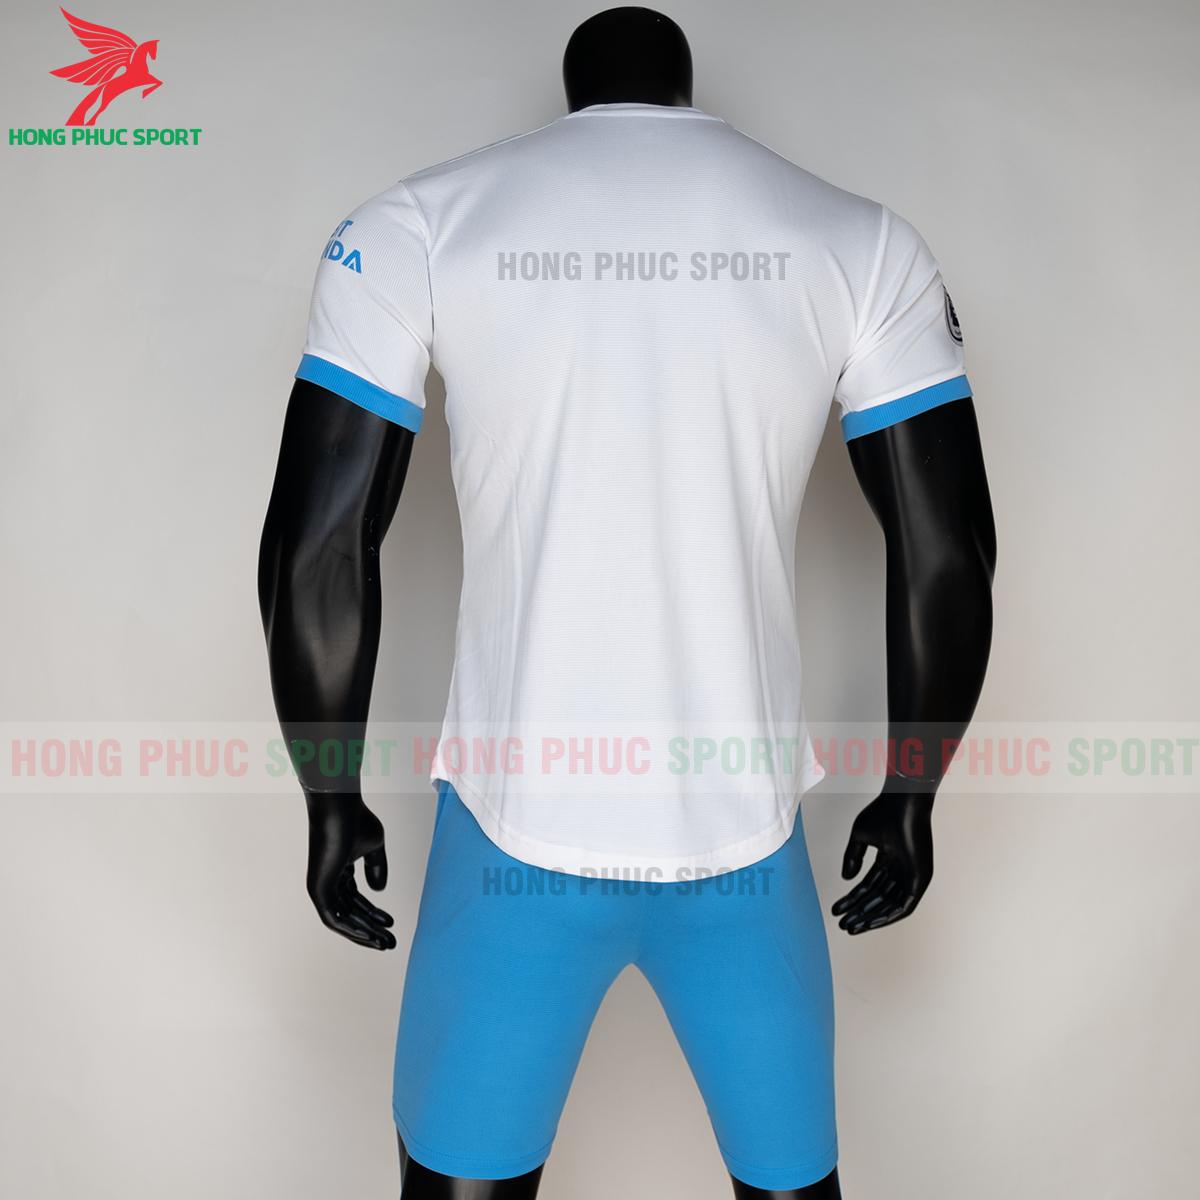 https://cdn.hongphucsport.com/unsafe/s4.shopbay.vn/files/285/ao-arsenal-2020-phien-ban-fan-7-5f72edd776d76.png